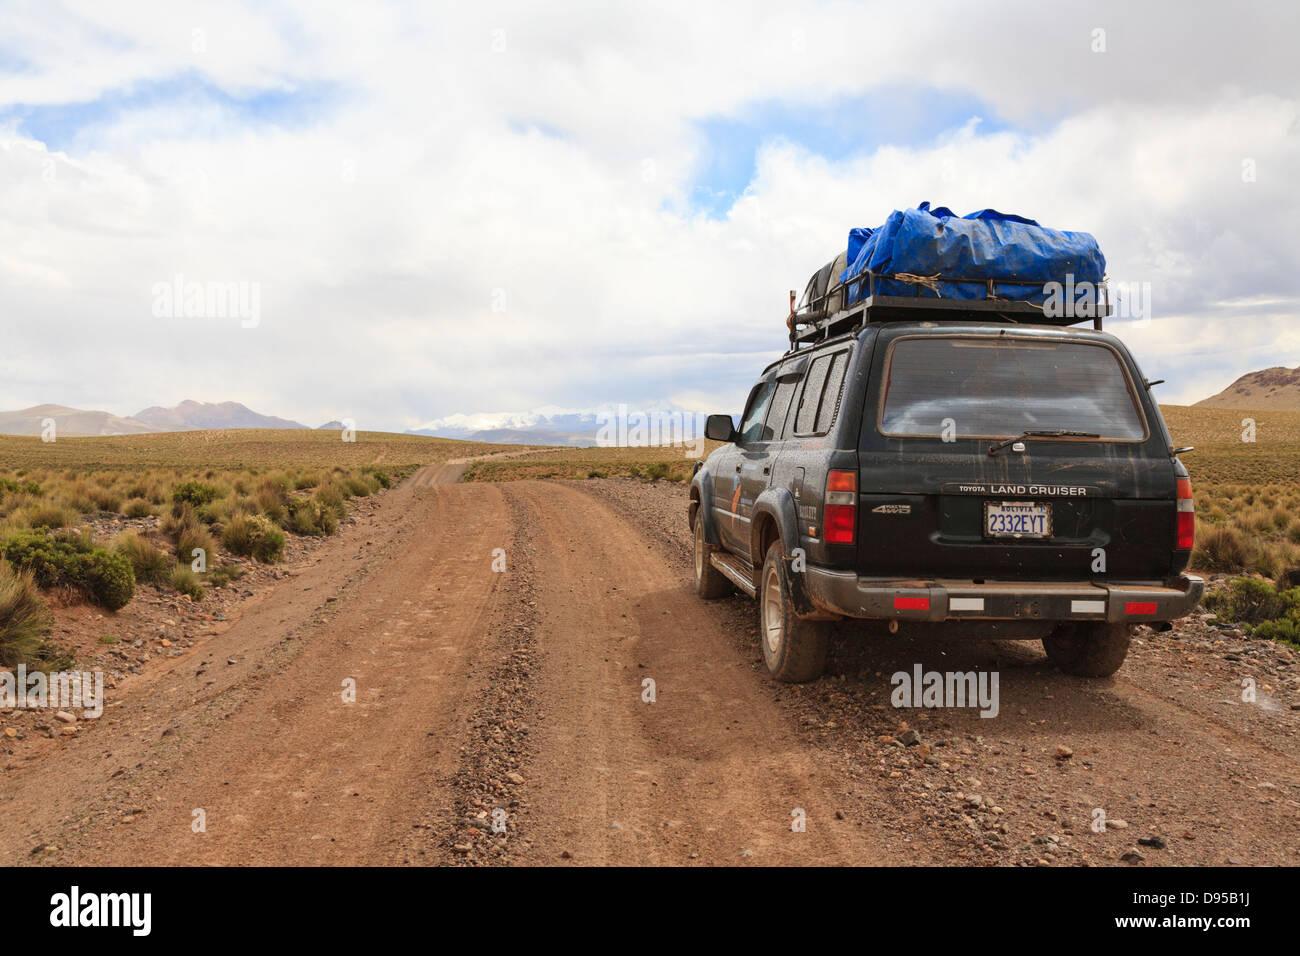 Salt Flat Tours, Altiplano, Southwest Bolivia - Stock Image